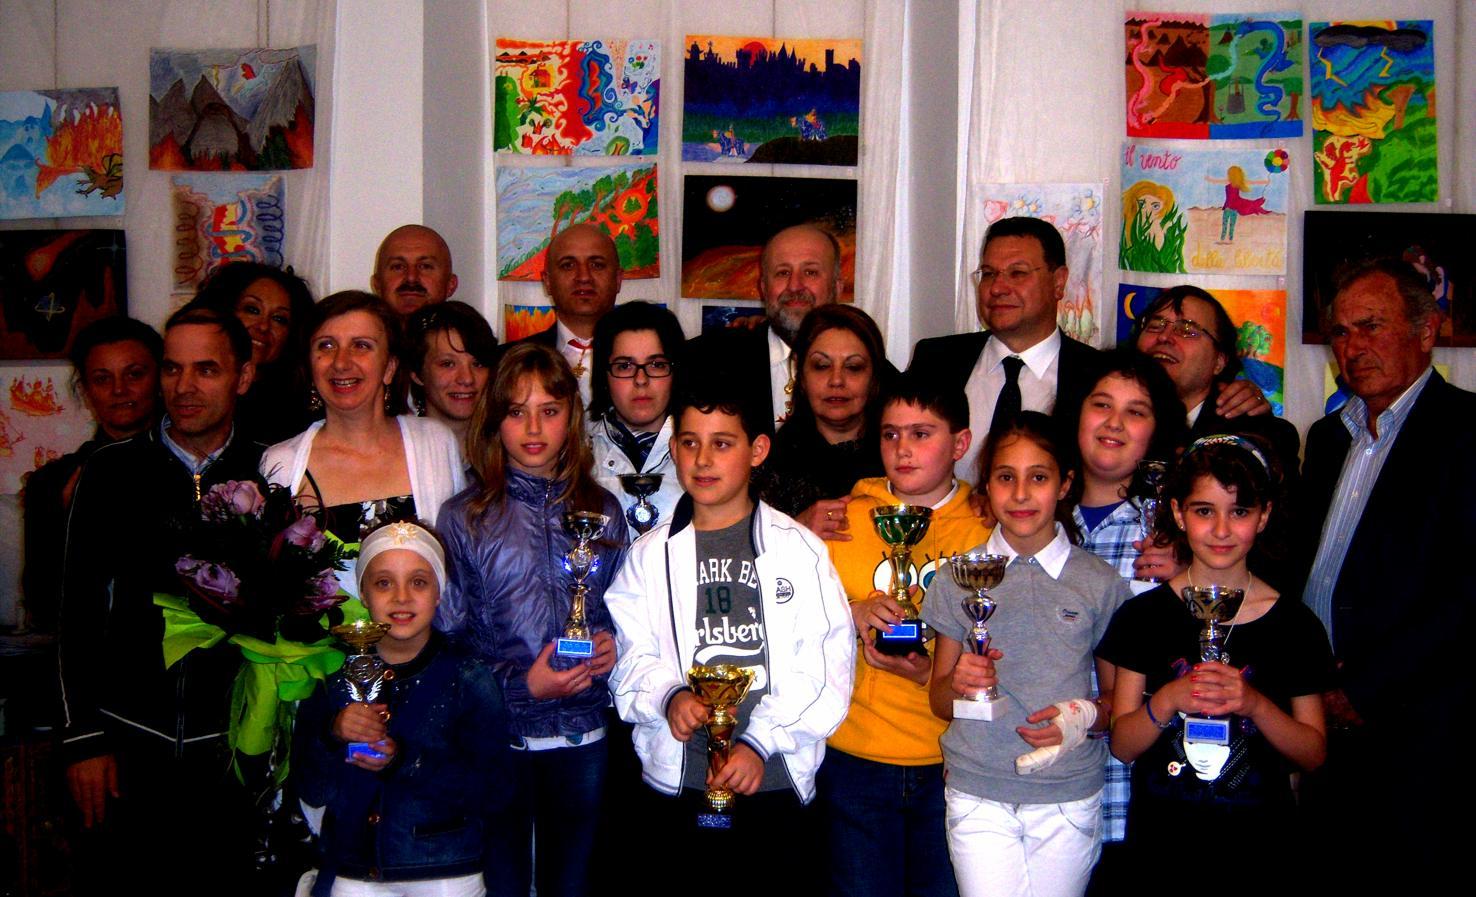 Bambino Creativo 2011, i vincitori delle principali categorie insieme agli organizzatori